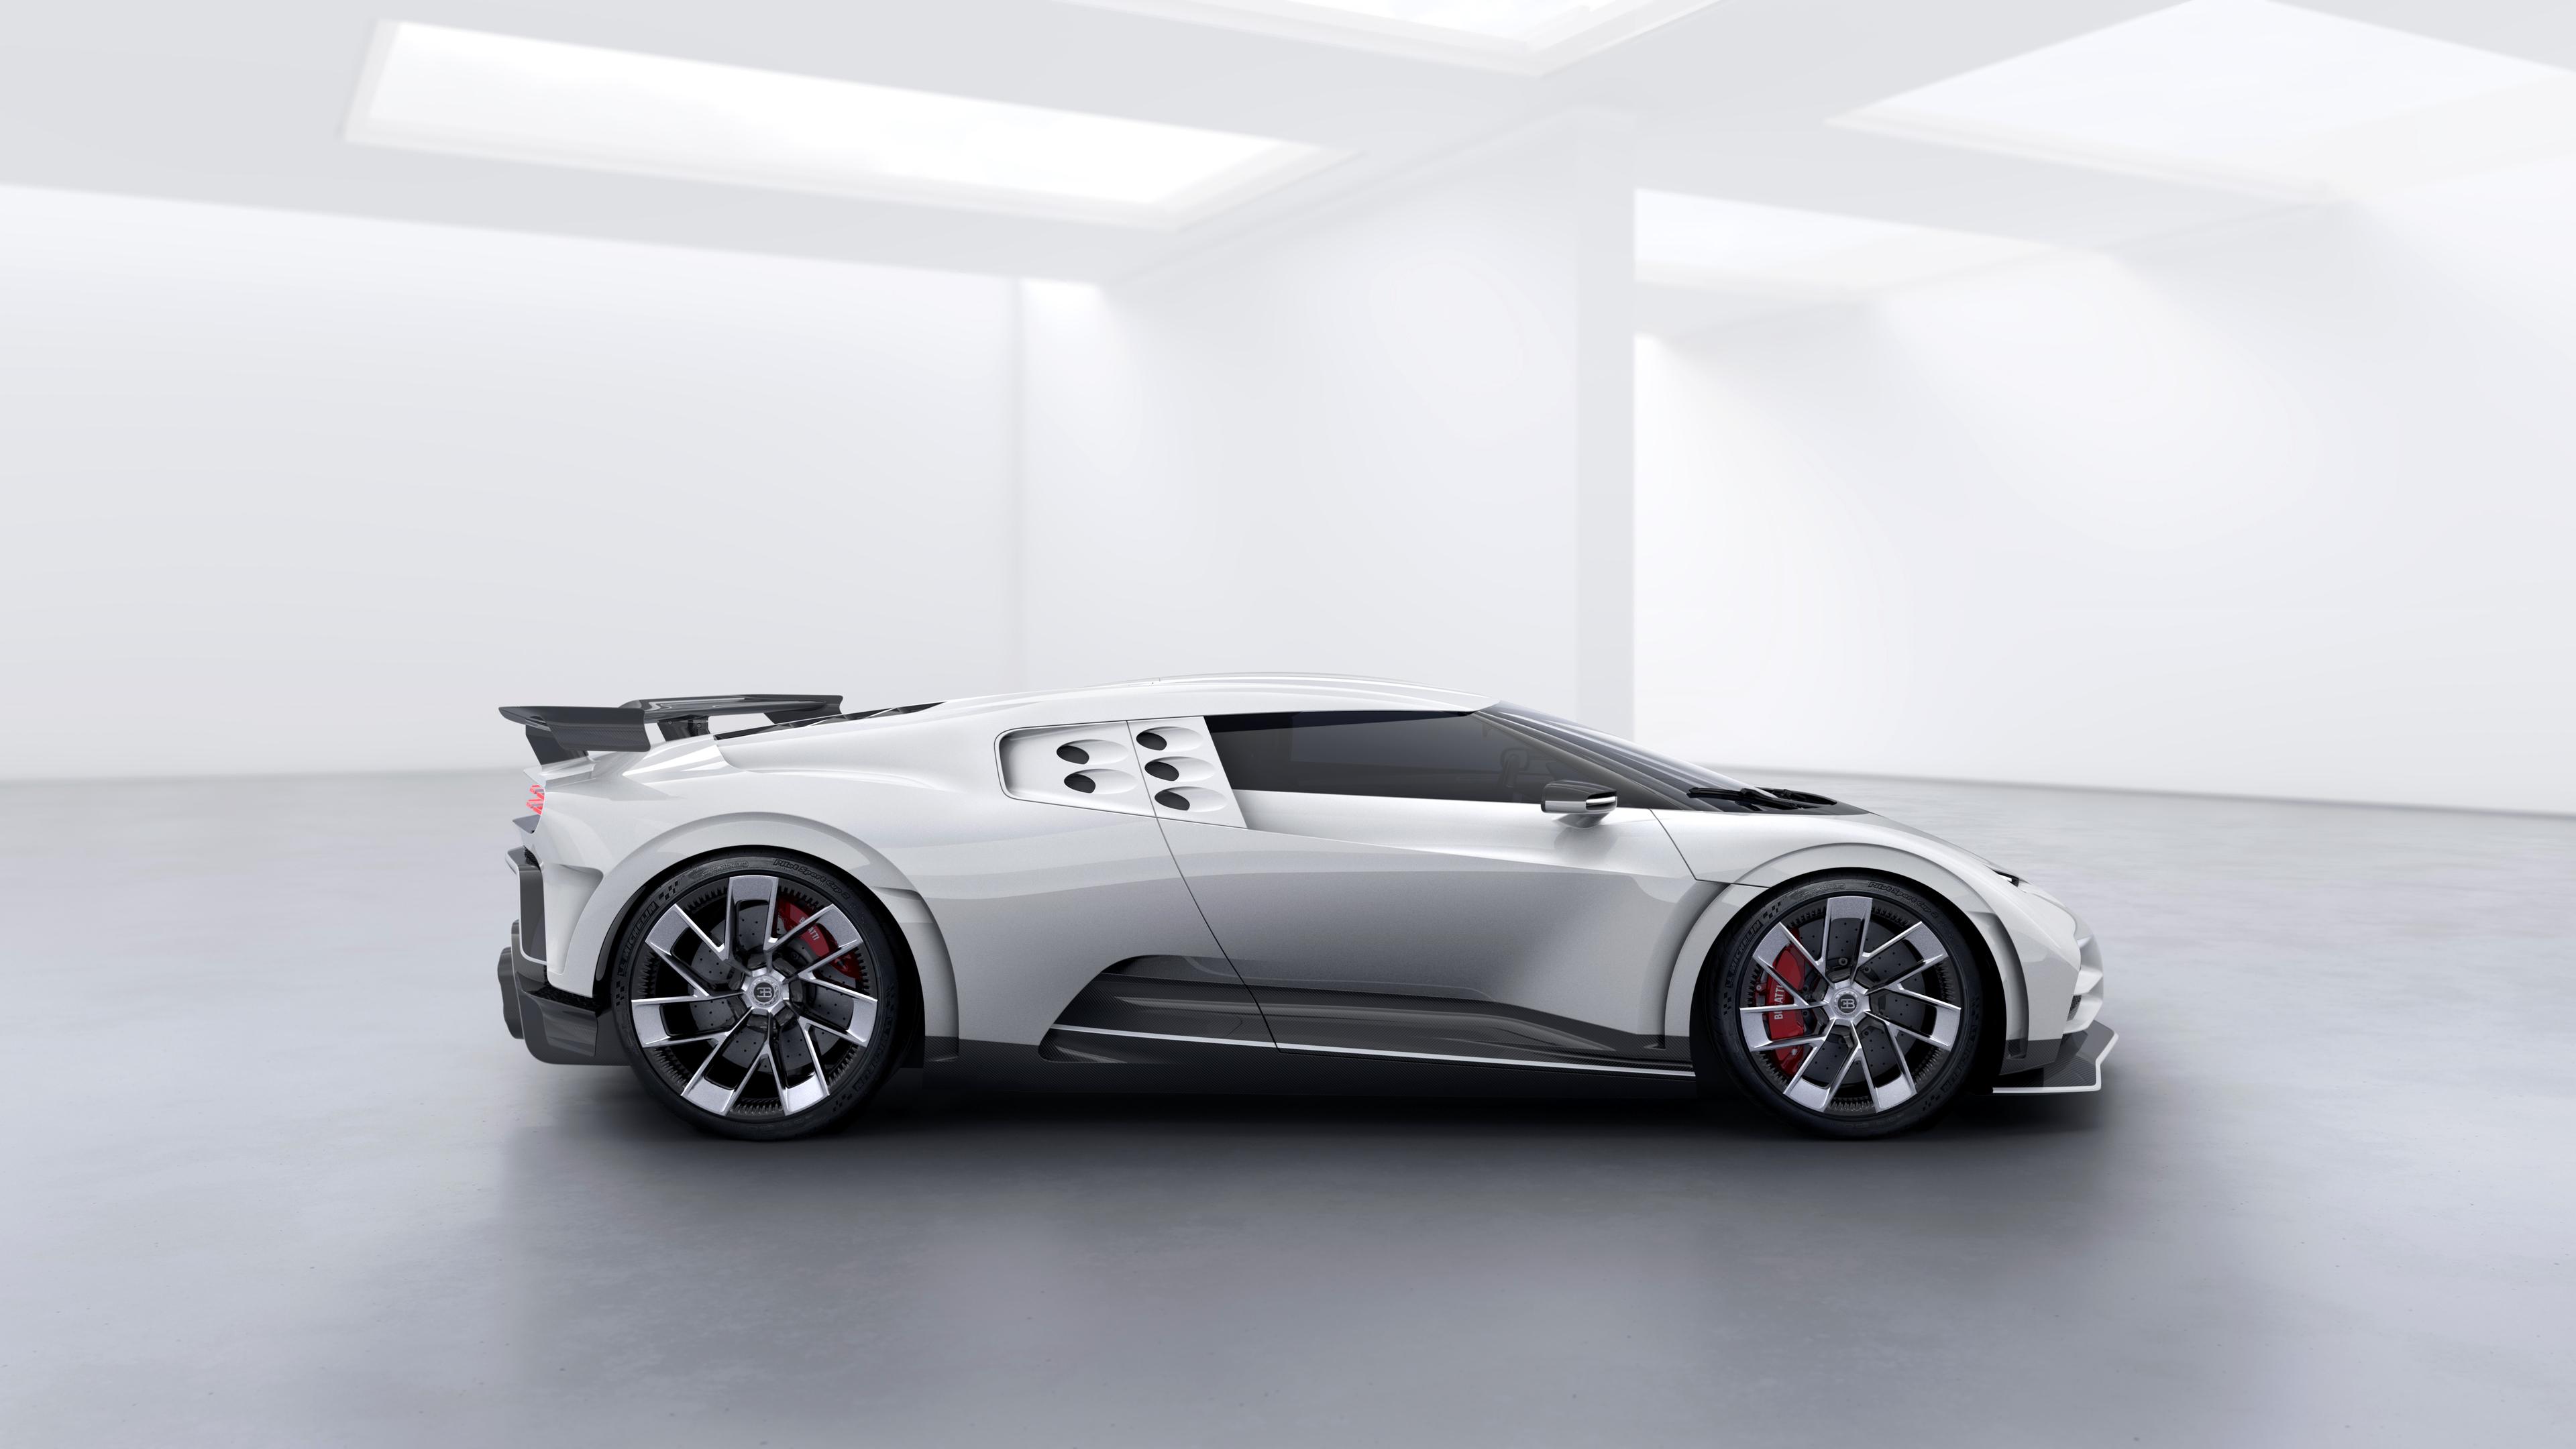 bugatti centodieci 2020 1569188906 - Bugatti Centodieci 2020 - hd-wallpapers, cars wallpapers, bugatti centodieci wallpapers, 8k wallpapers, 5k wallpapers, 4k-wallpapers, 2020 cars wallpapers